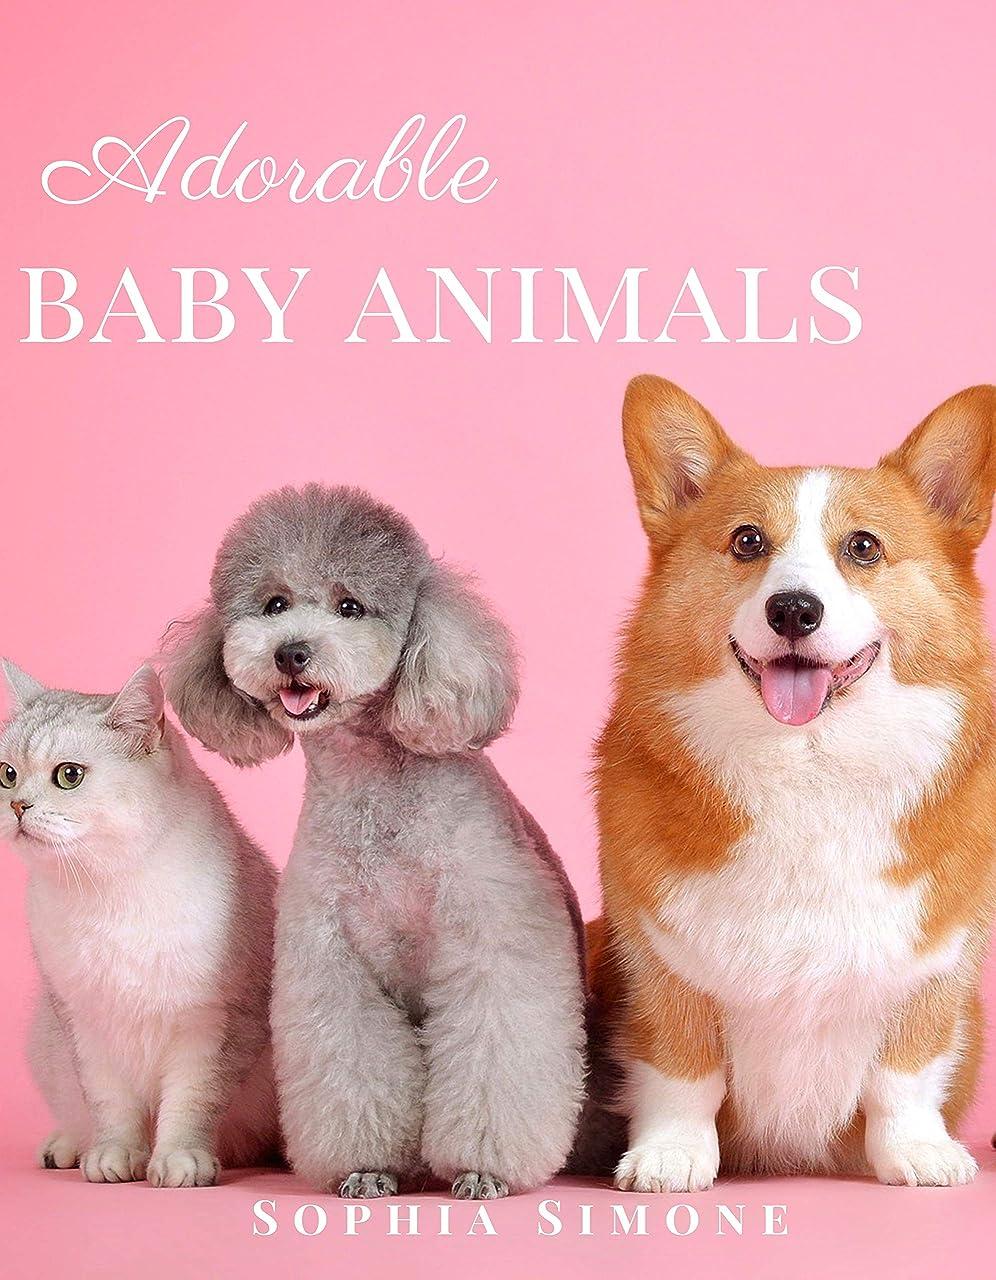 交通チューブ木曜日Adorable Baby Animals: A Beautiful Picture Book Photography Coffee Table Photobook Animal Guide Book with Photos  Images of Cute Kittens, Puppies of Cats and Dogs. (English Edition)